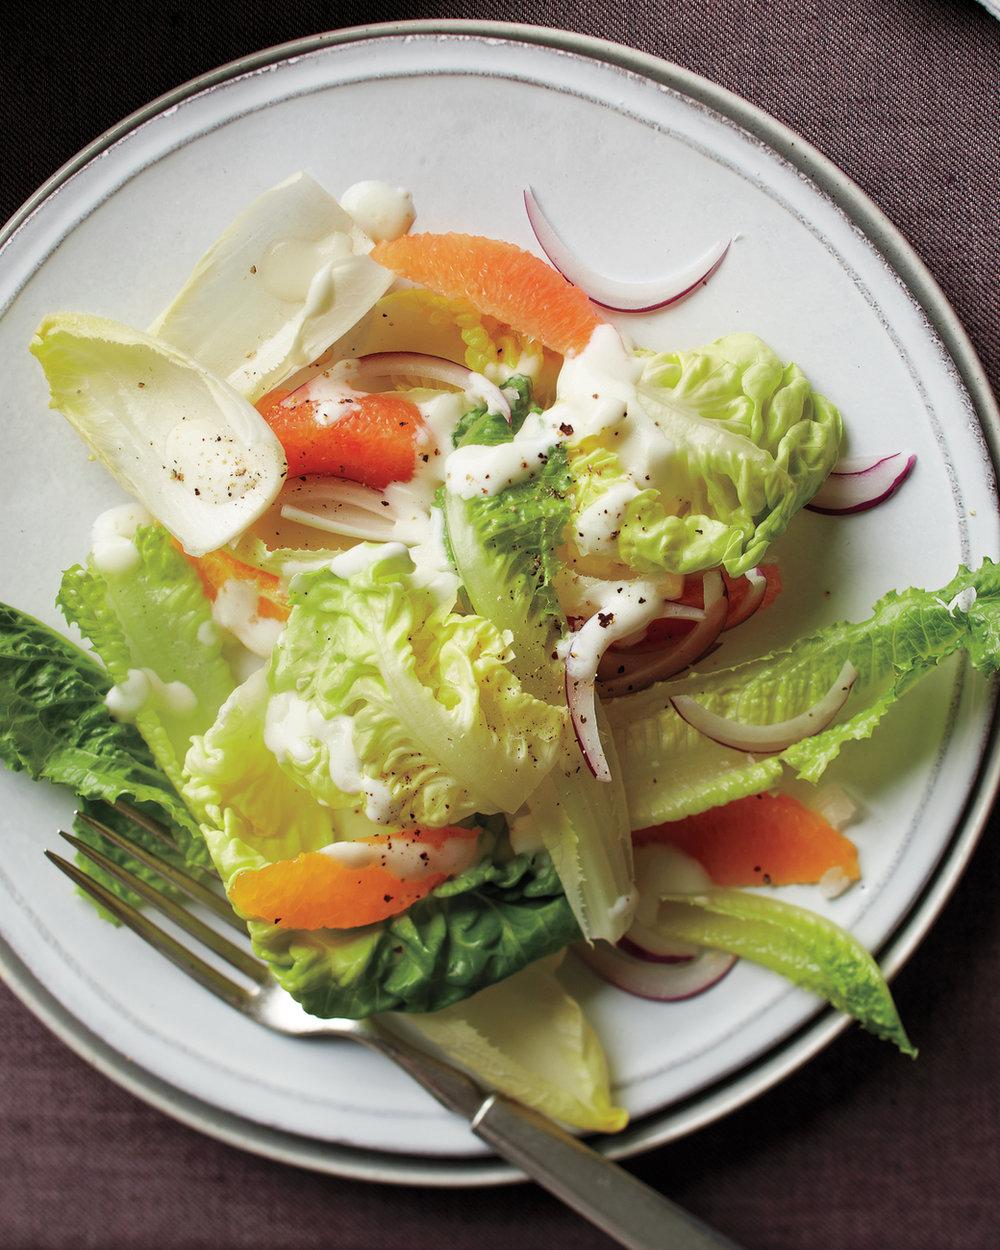 hol-citrus-salad-003-med109135_vert.jpg